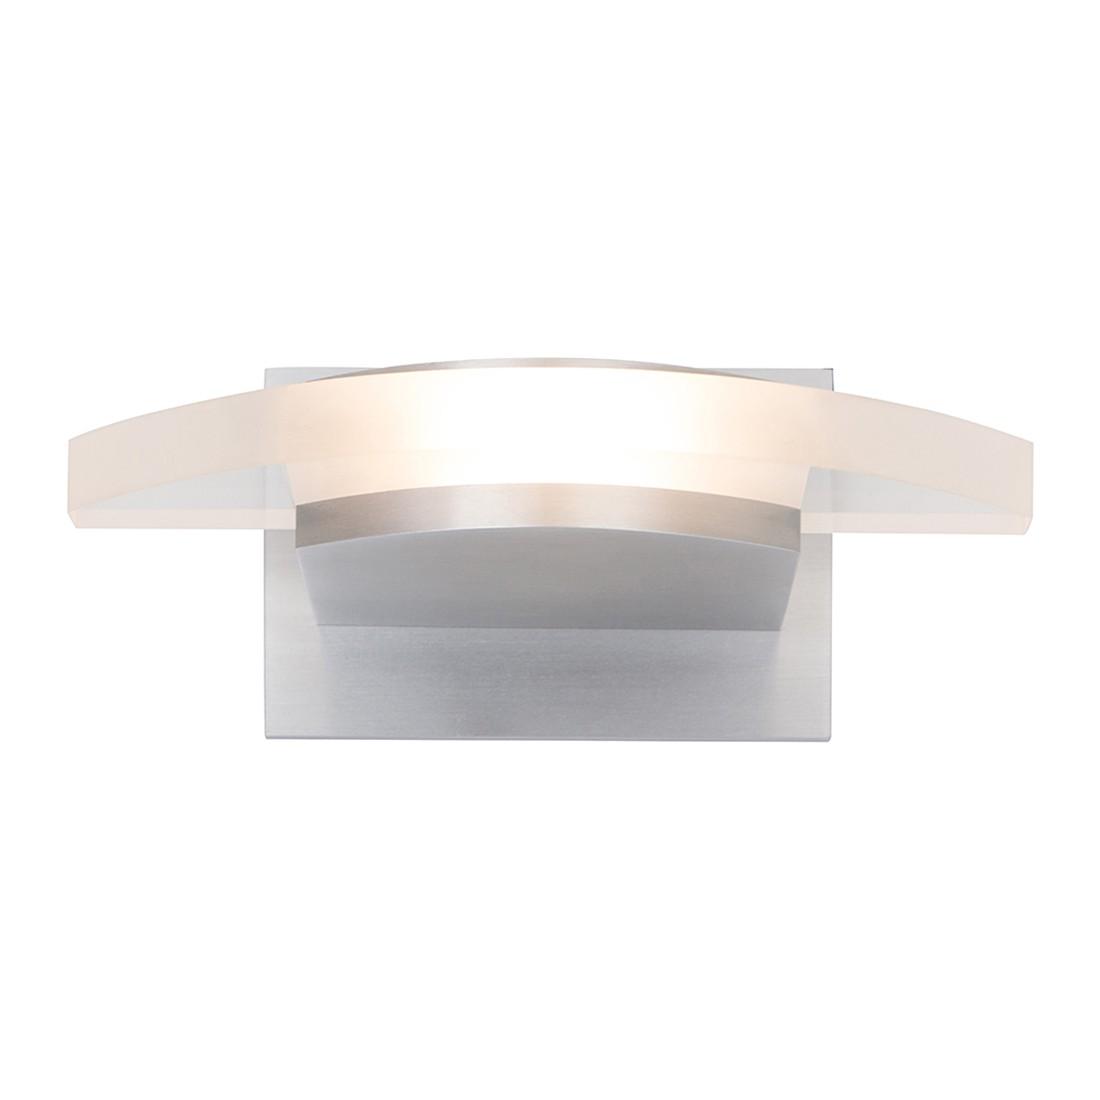 energie  A+, LED-wandlamp Humilus - 1 lichtbron mat nikkelkleurig, Steinhauer